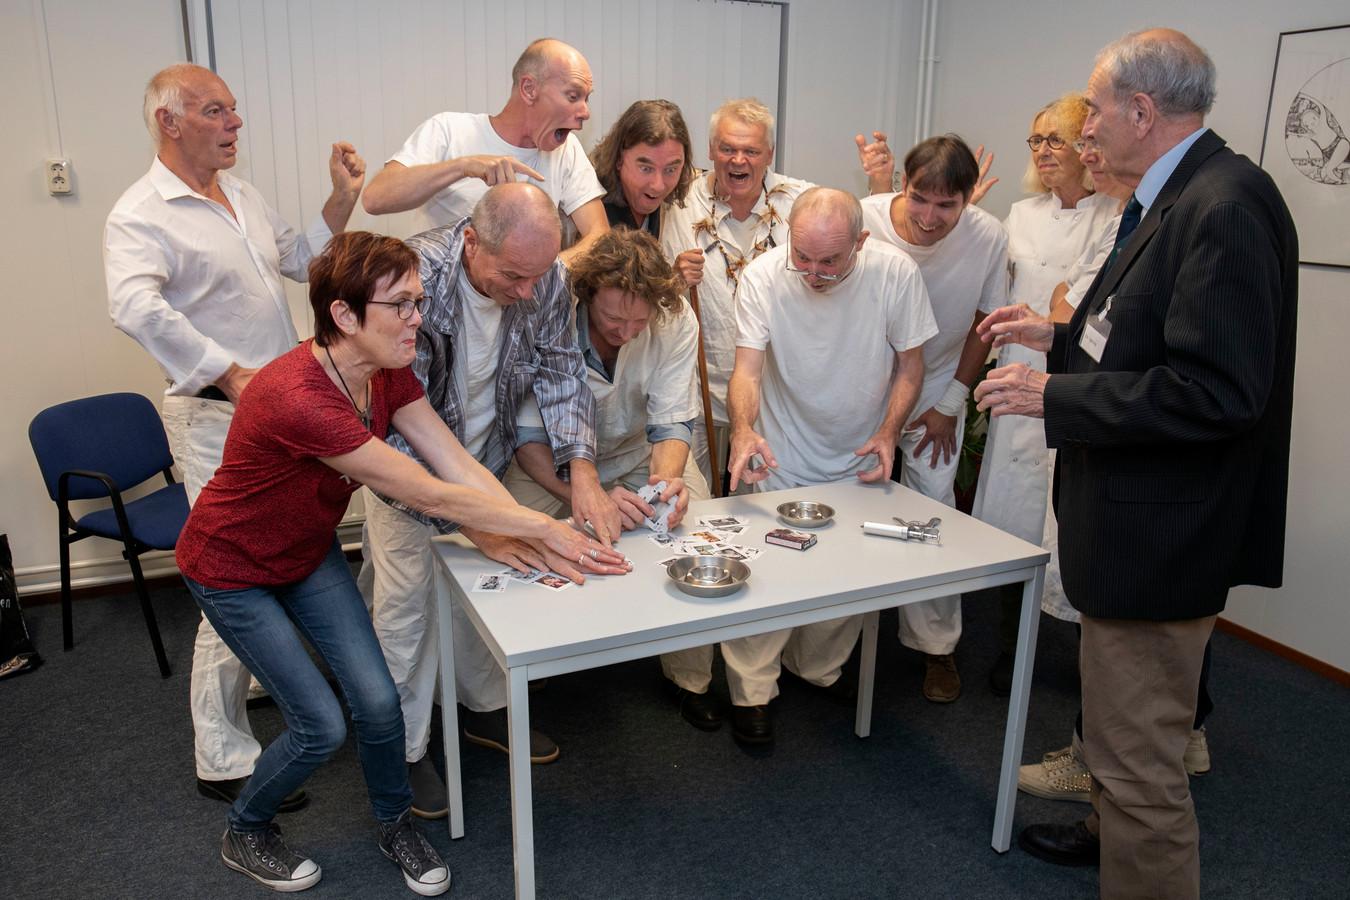 De crew van Stichting Meij brengt haar eerste theaterproductie. Links regisseuse Antonet van der Heijden.